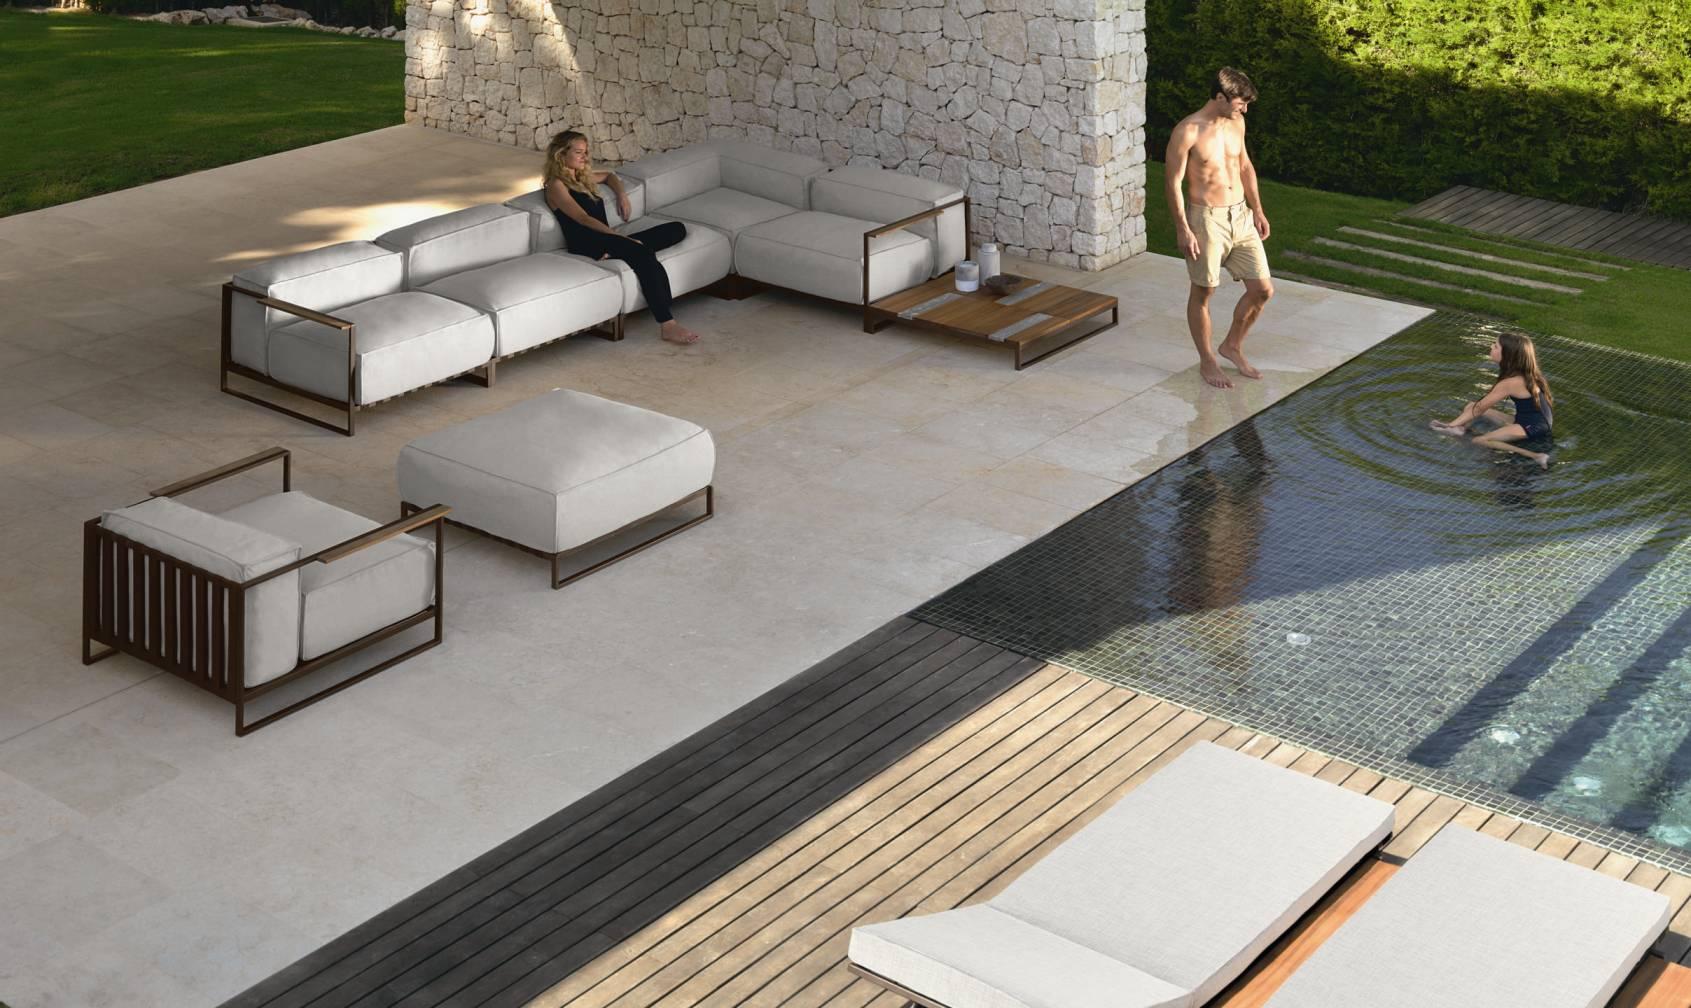 Divani Per Esterni Vendita On Line : Divano cx casildacollection divani da giardino vendita on line